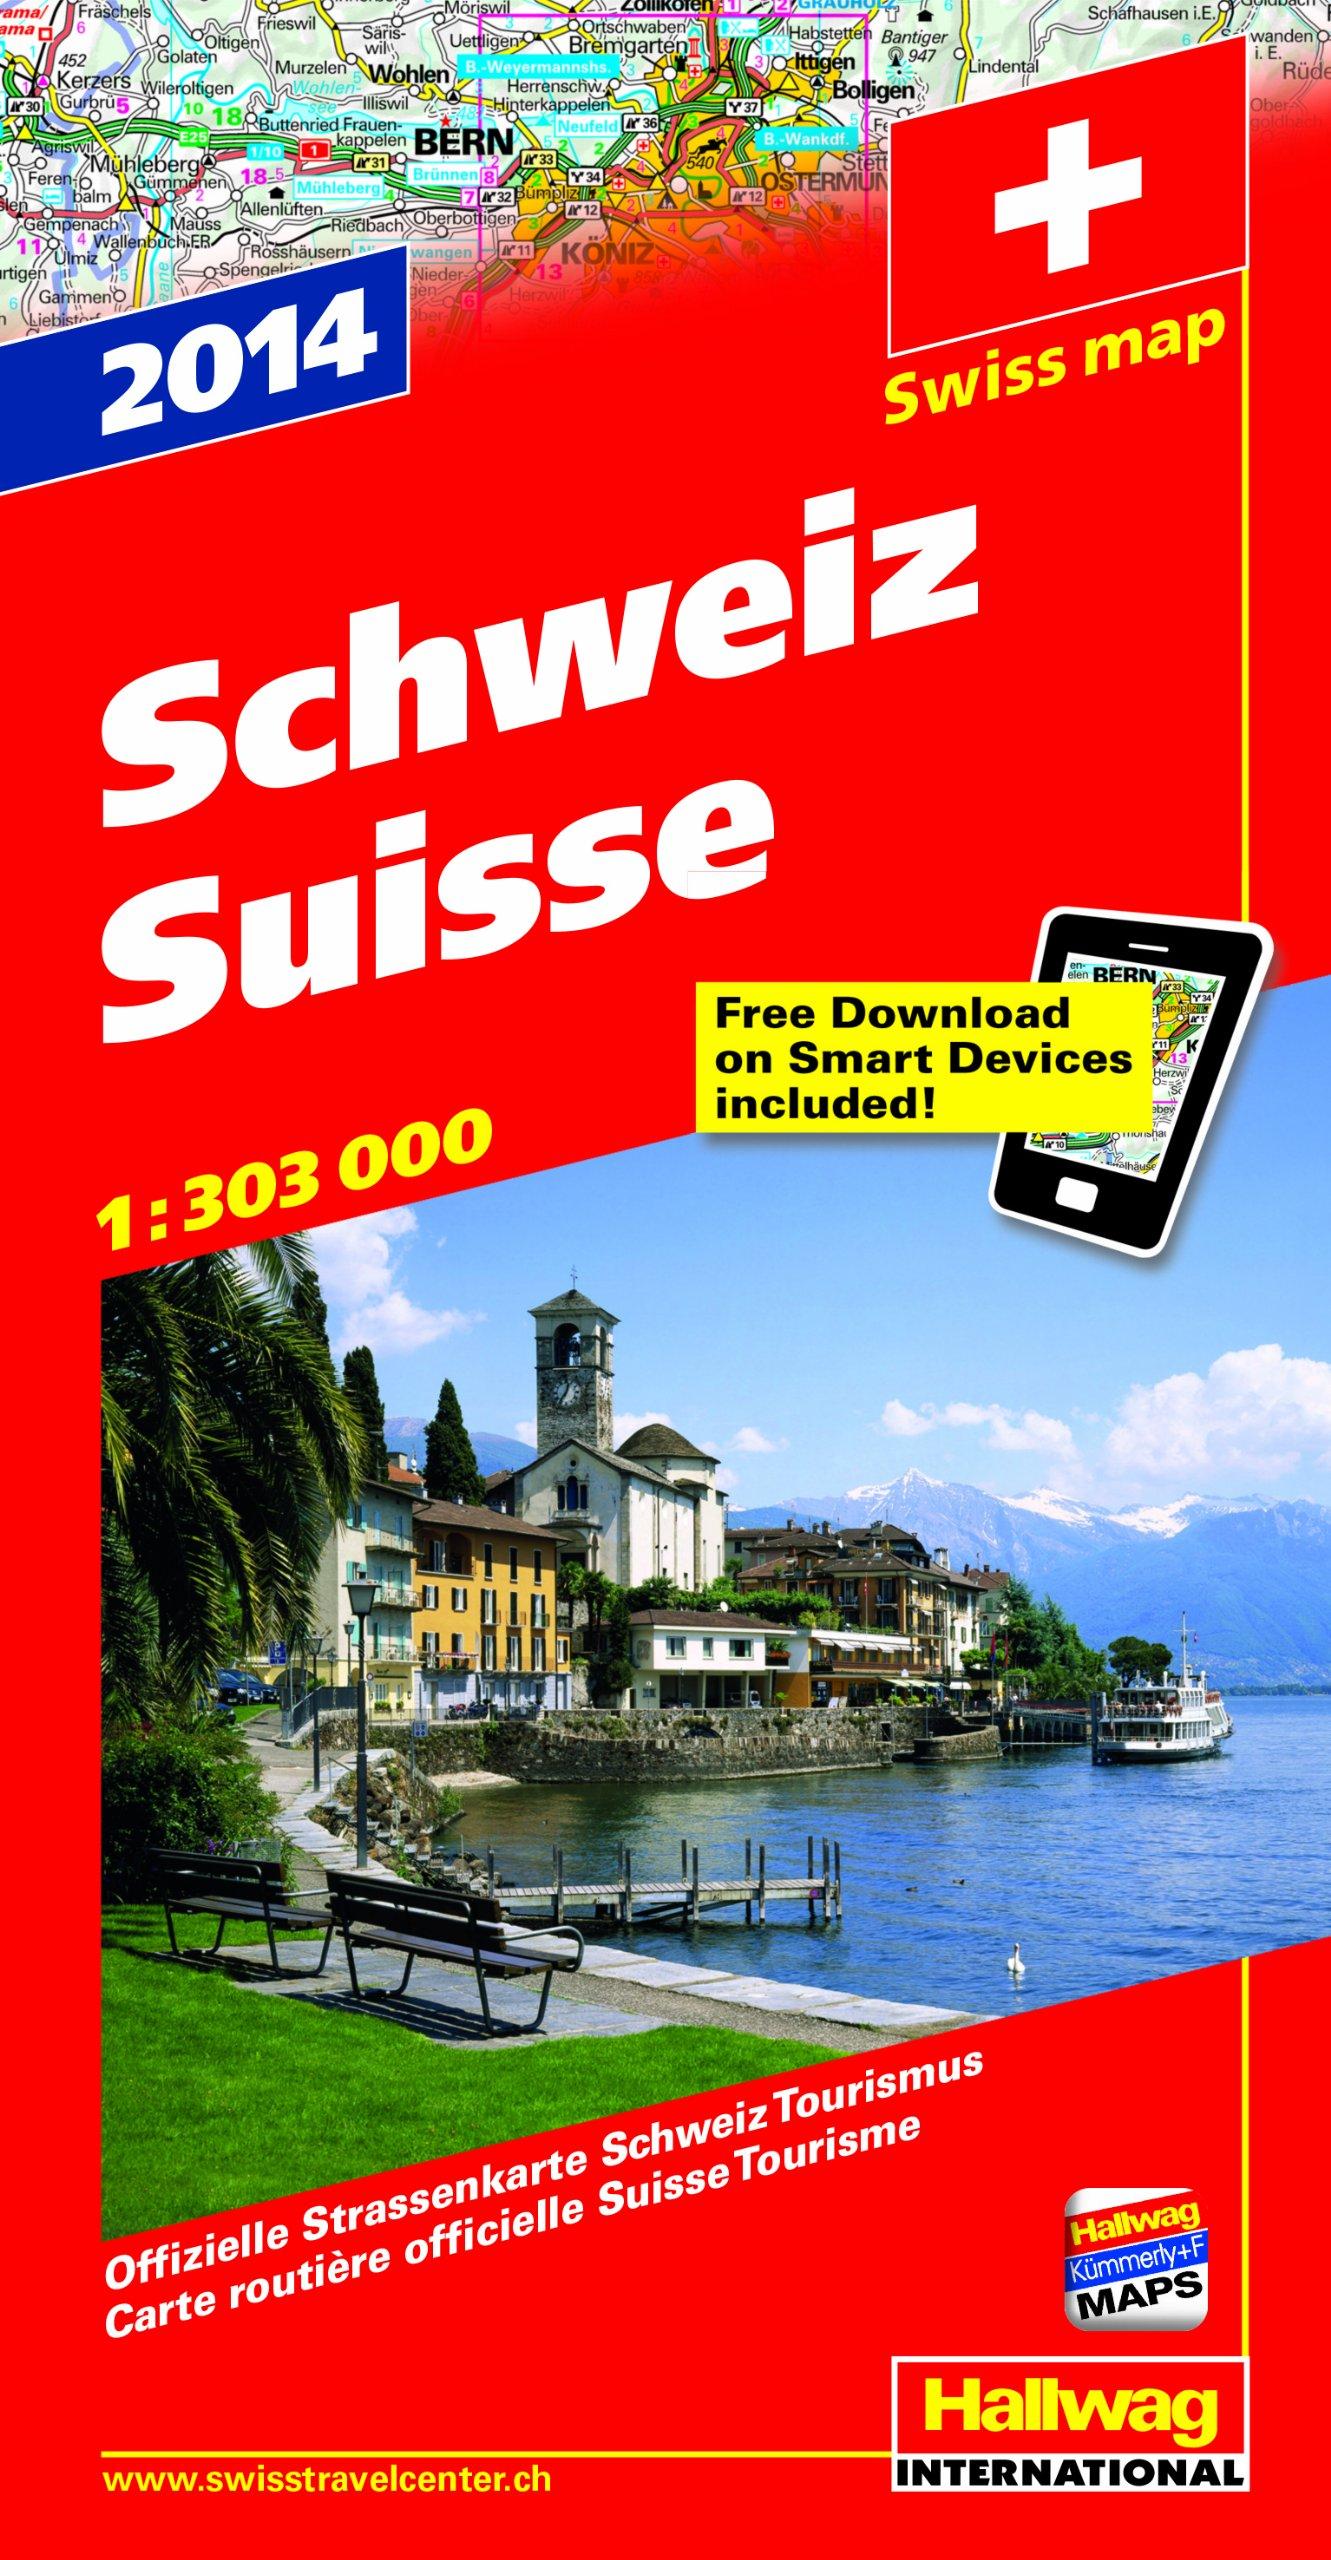 Schweiz 2014: Strassenkarte, 1:303 000 Offizielle Strassenkarte Schweiz Tourismus mit e-Distoguide via QR Code Free Download on Smart Devices included